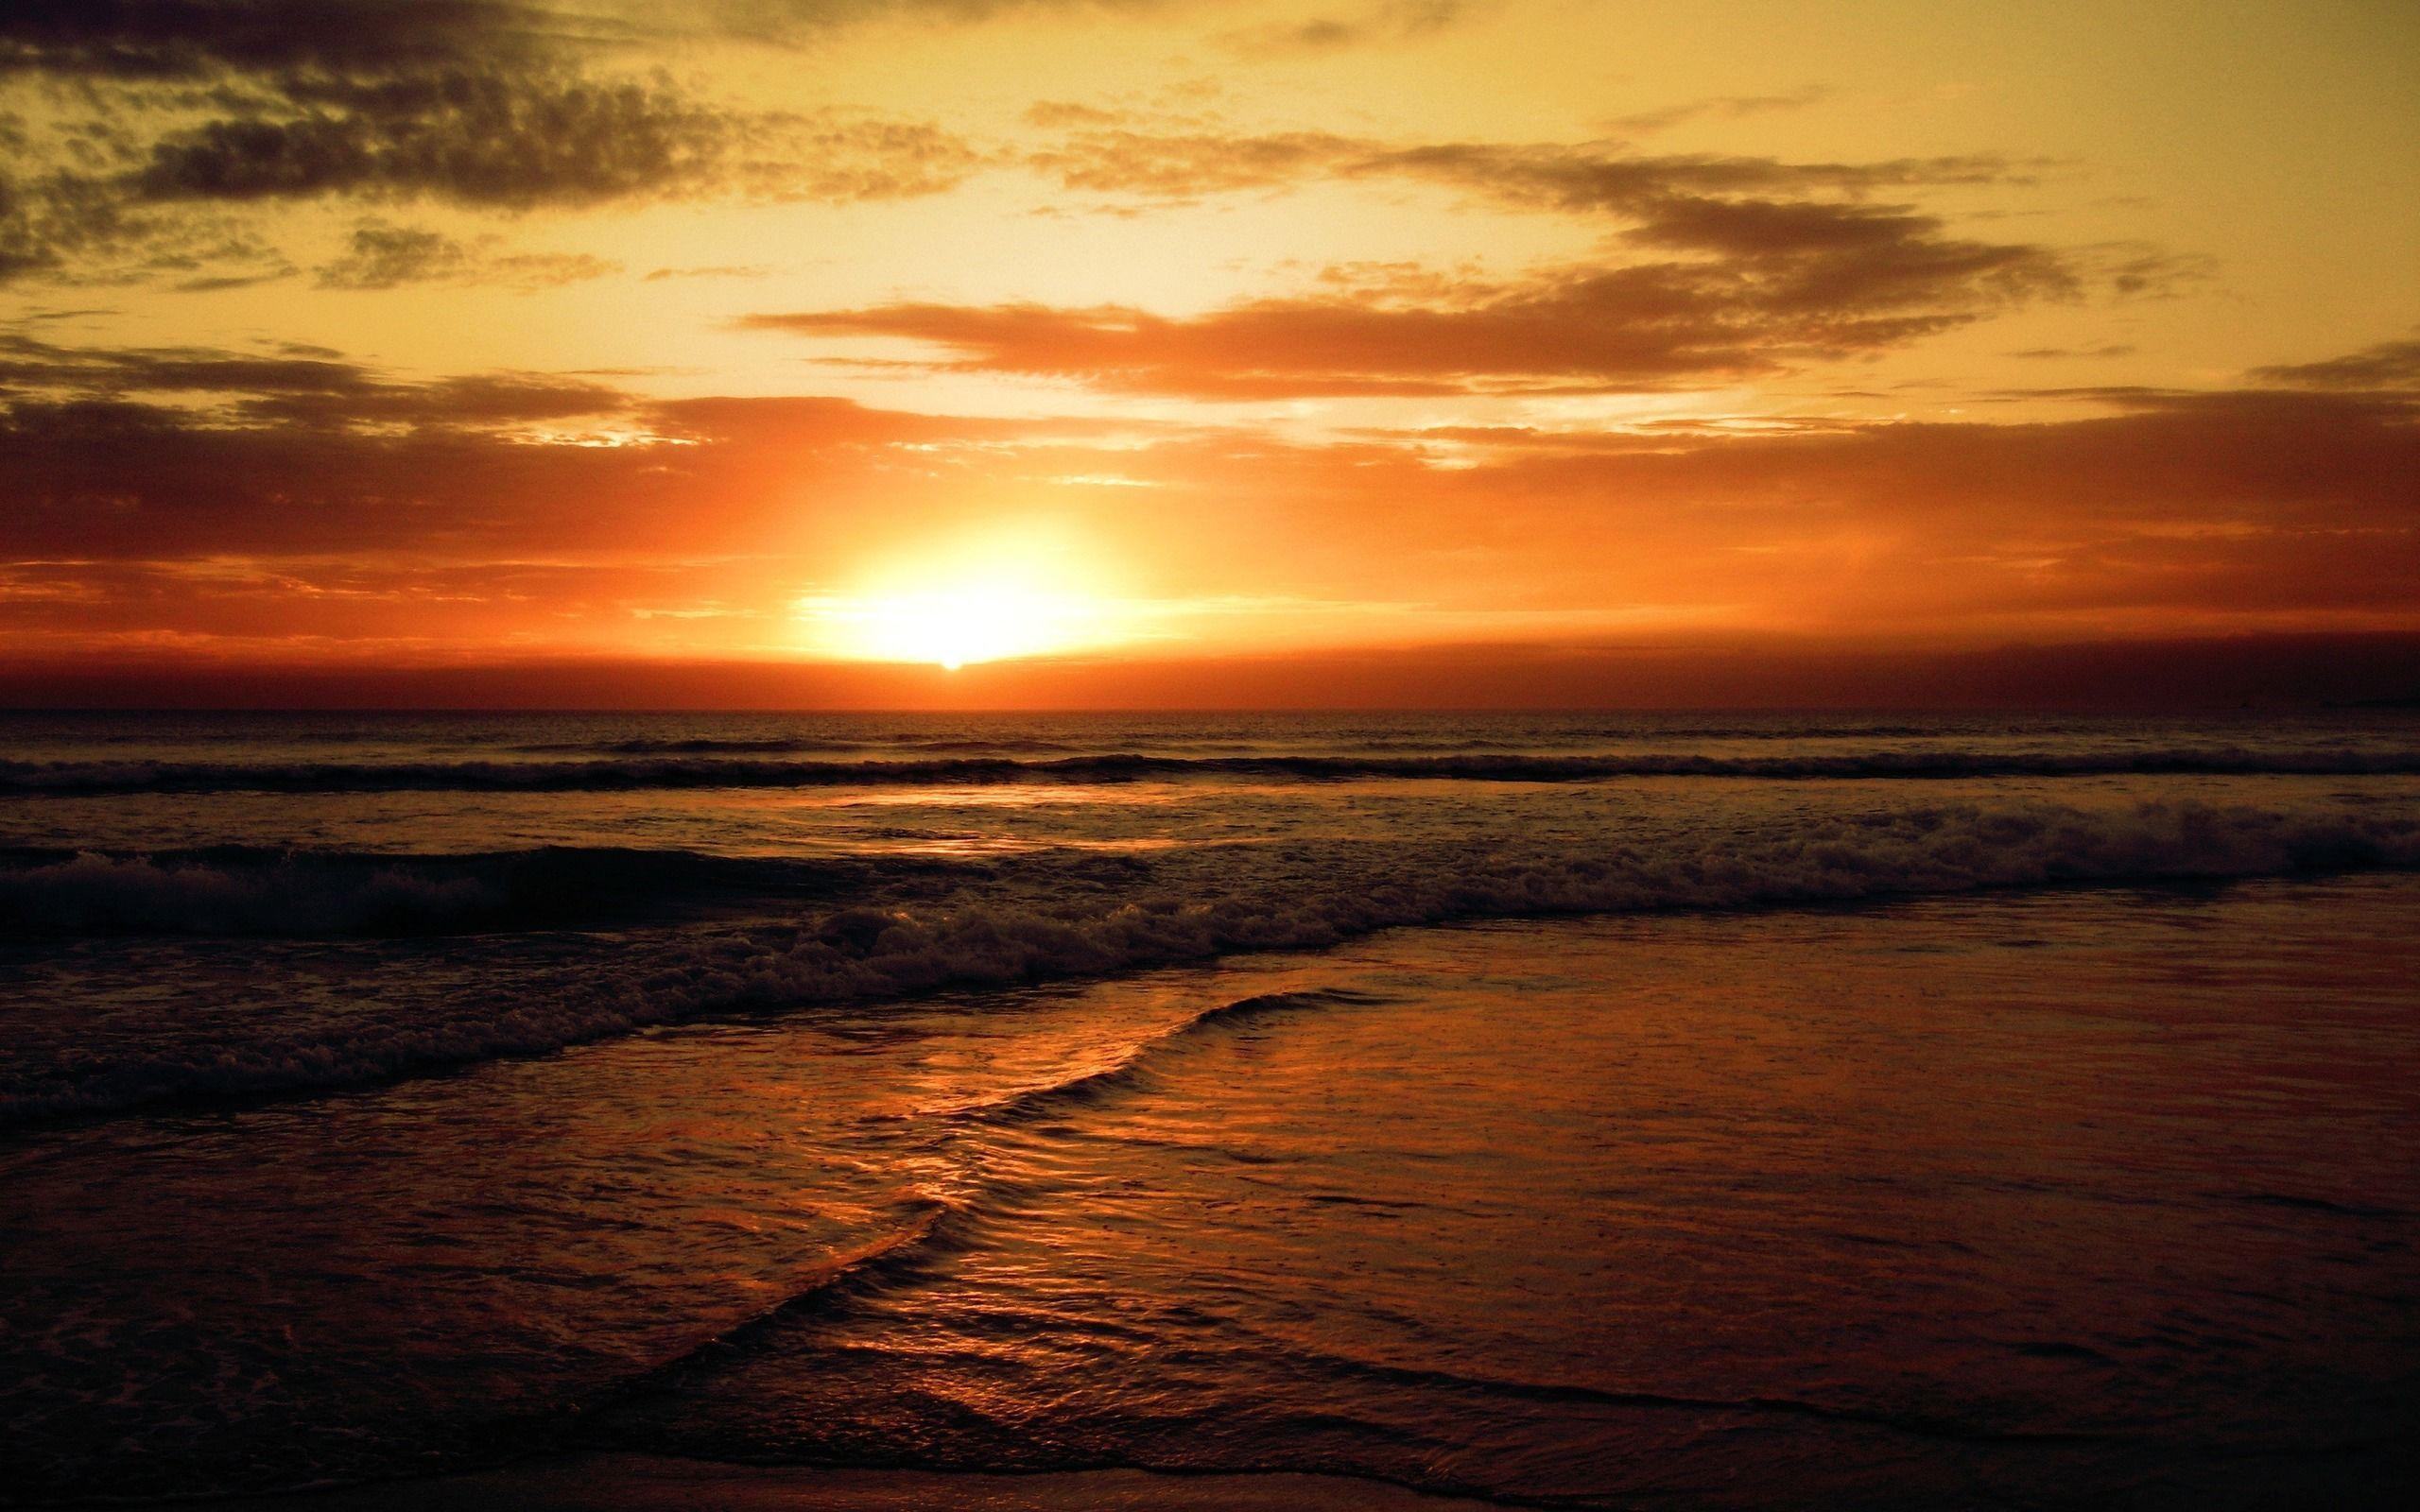 Sunset Beach Backgrounds - Wallpaper Cave